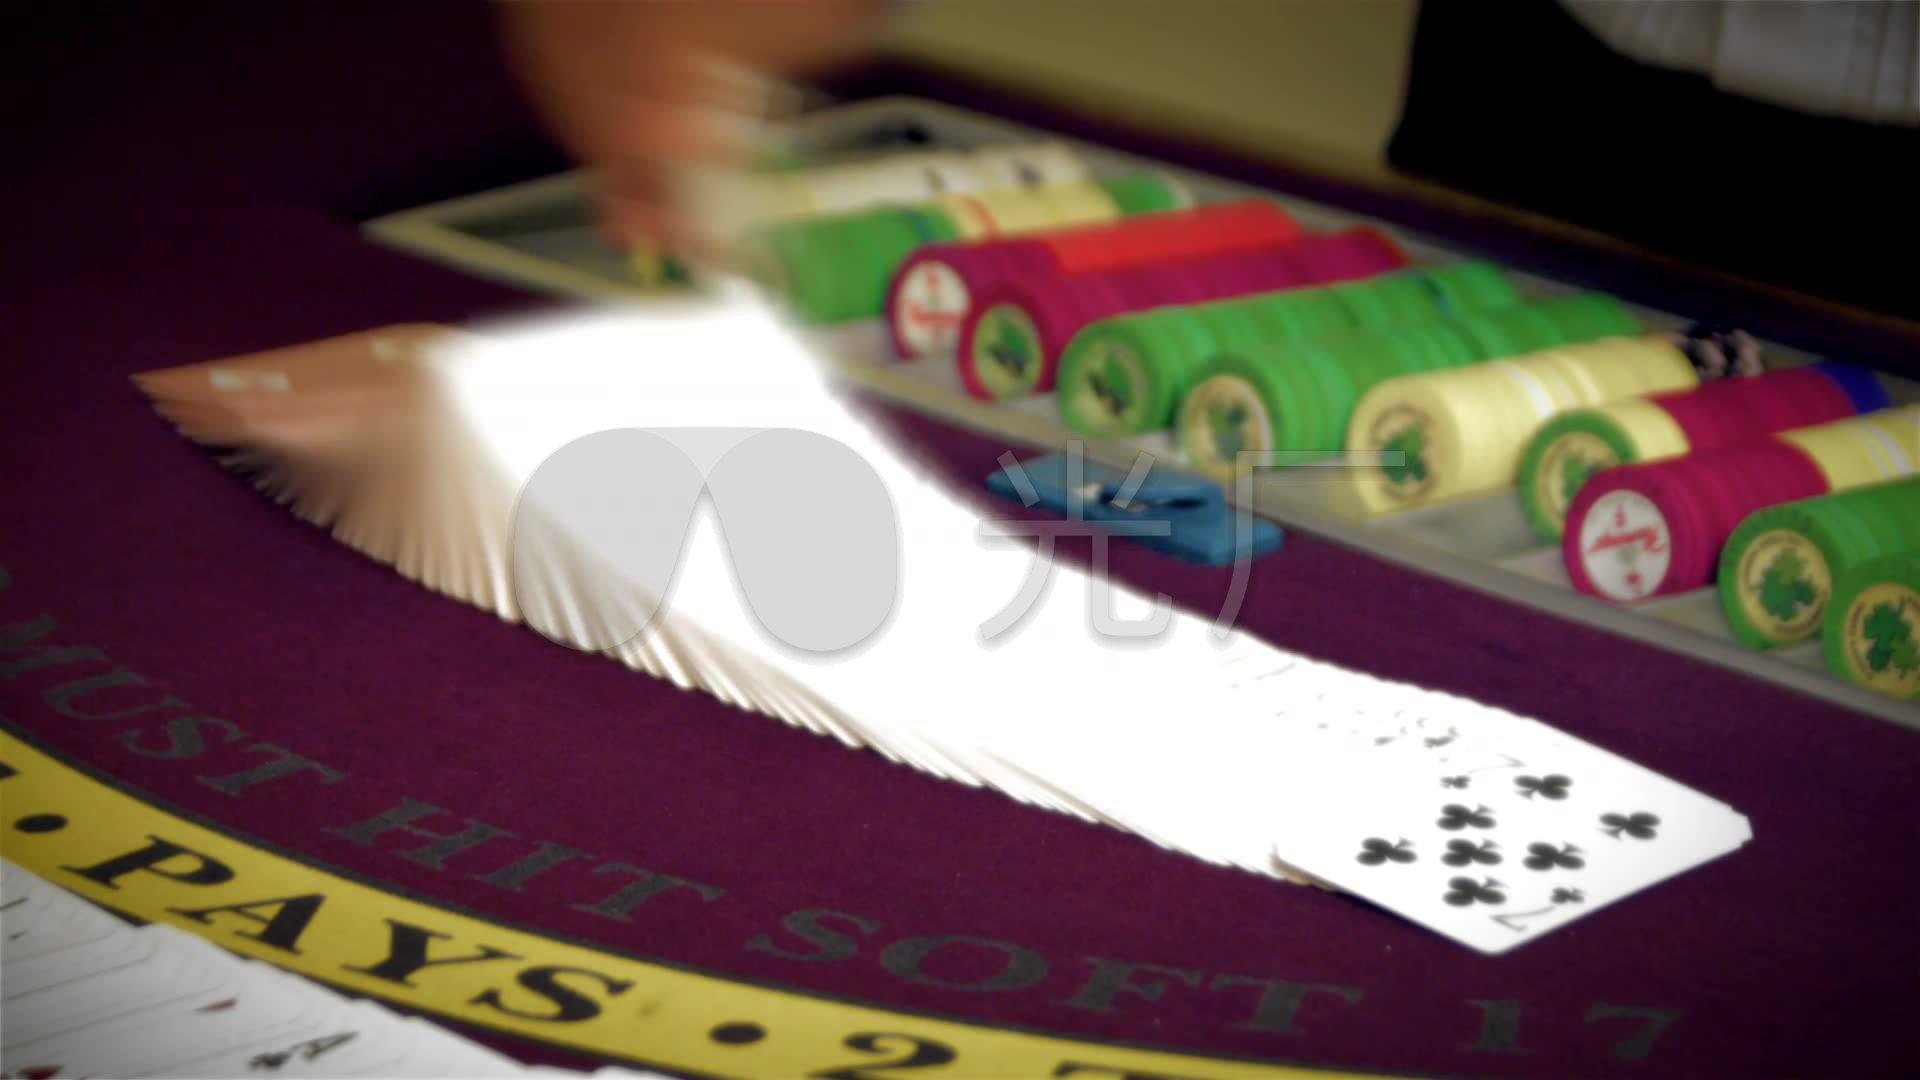 方法荷官林业上洗扑克牌技巧教程慢动作_192绘制赌桌地形图操作赌场图片